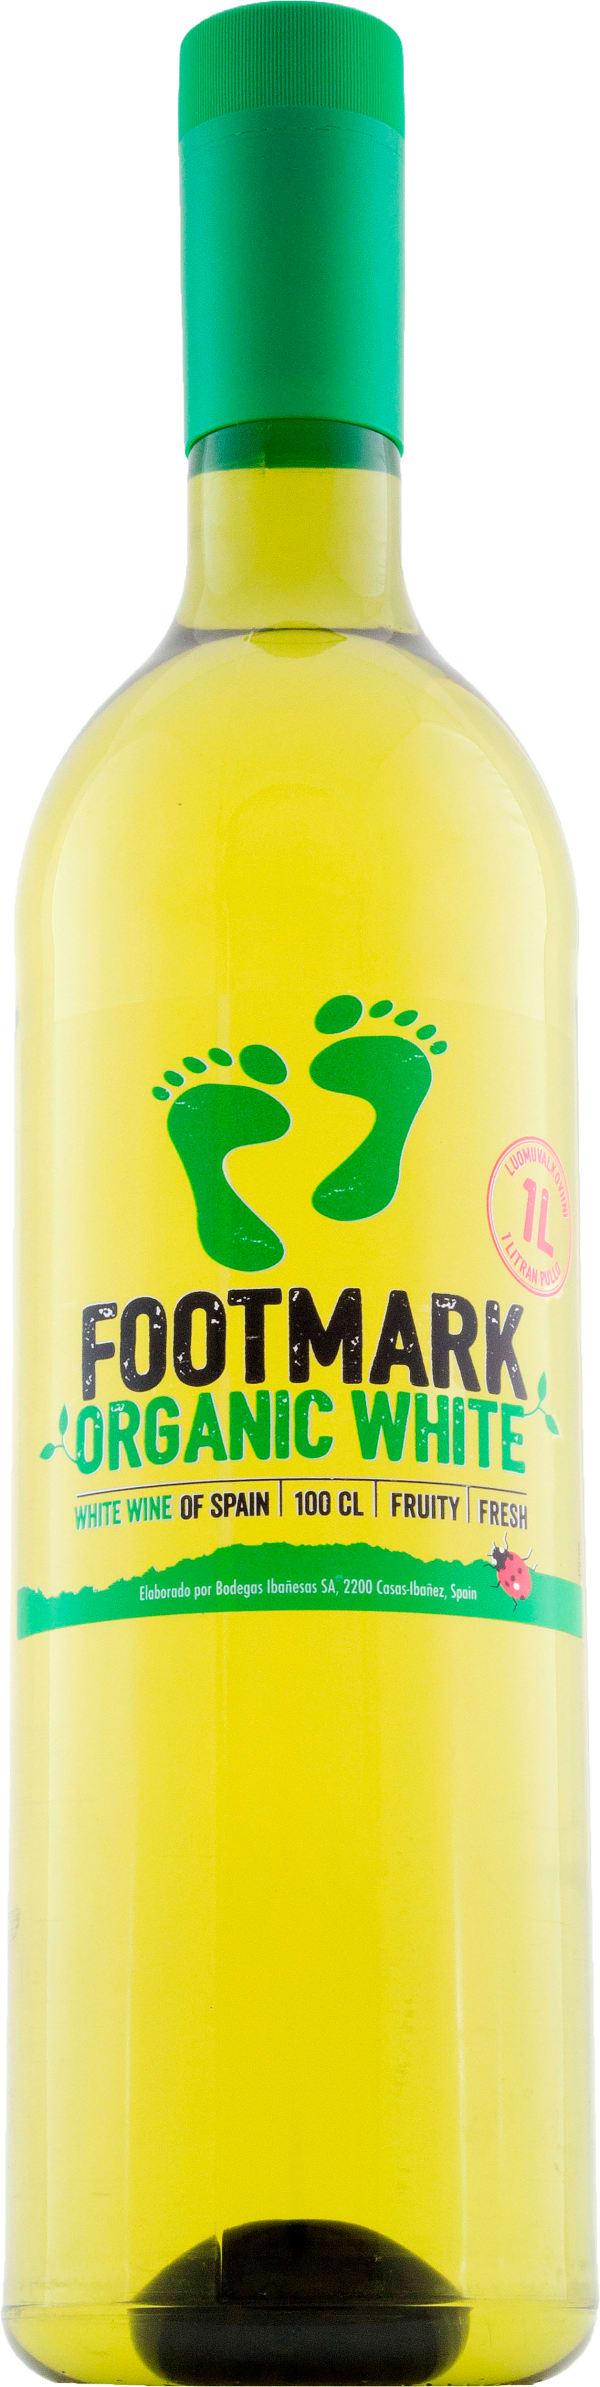 Footmark Organic White plastflaska